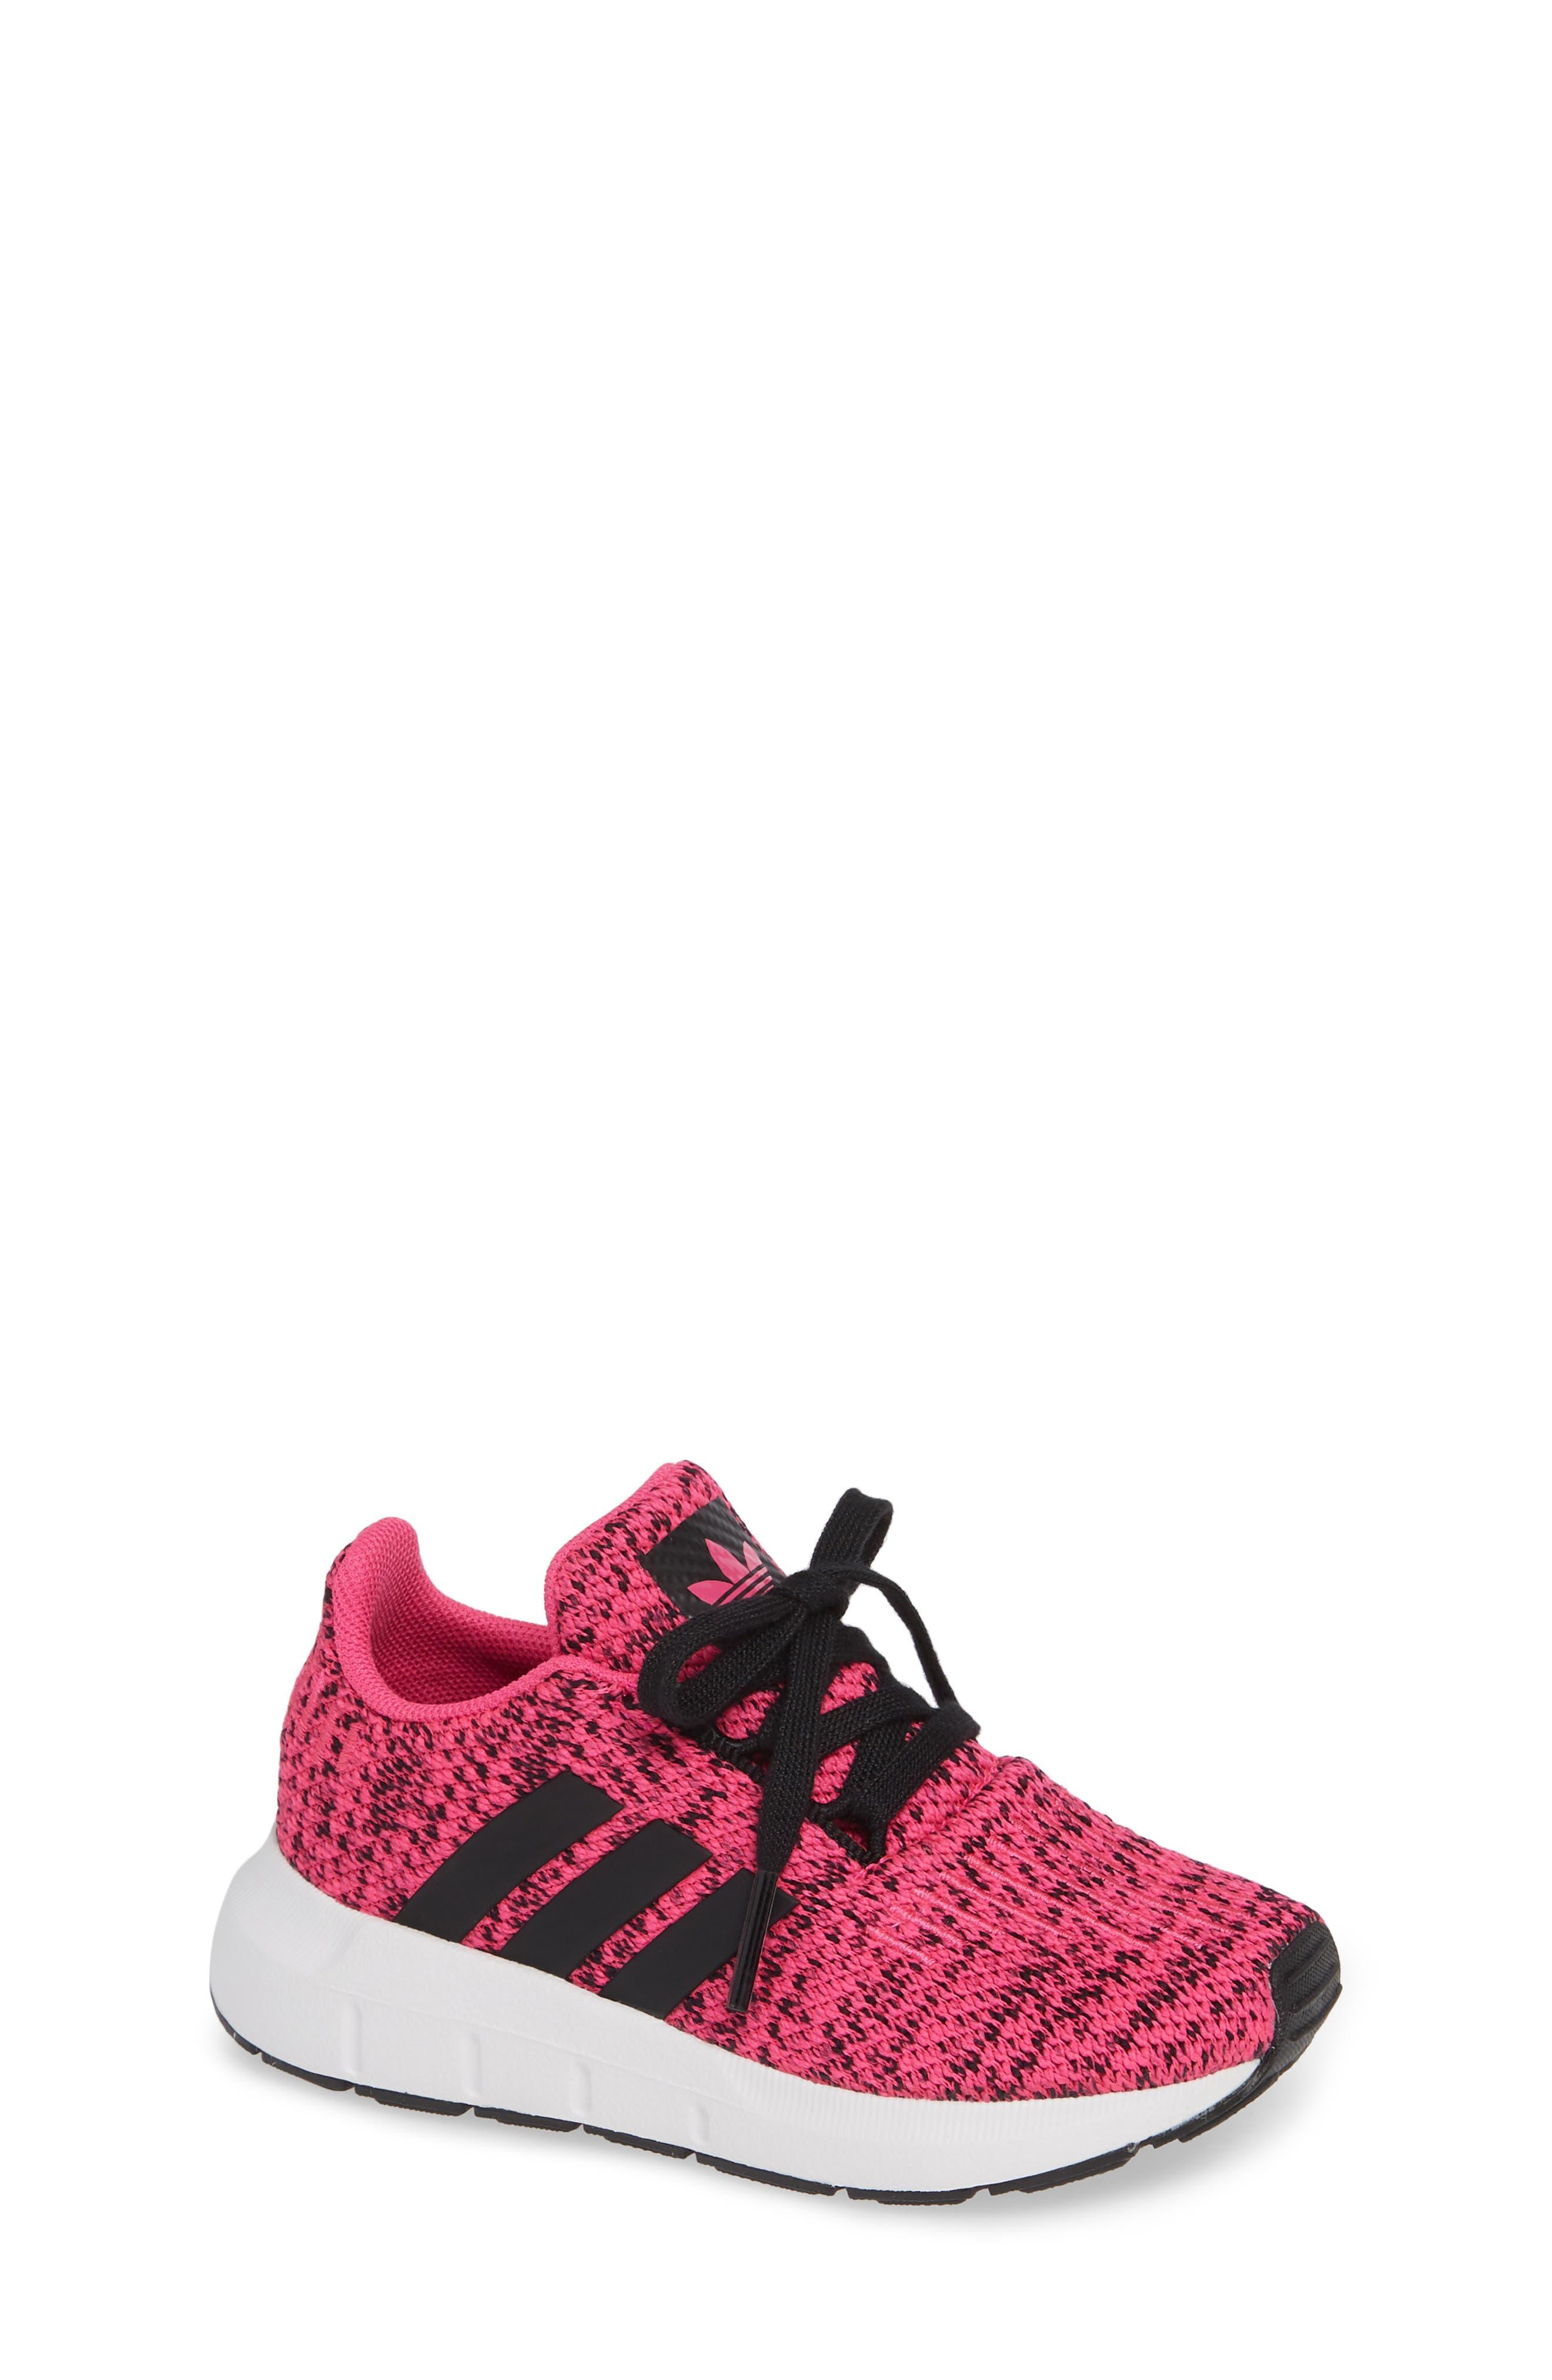 Toddler Adidas Swift Run J Sneaker Size 25 M  Pink